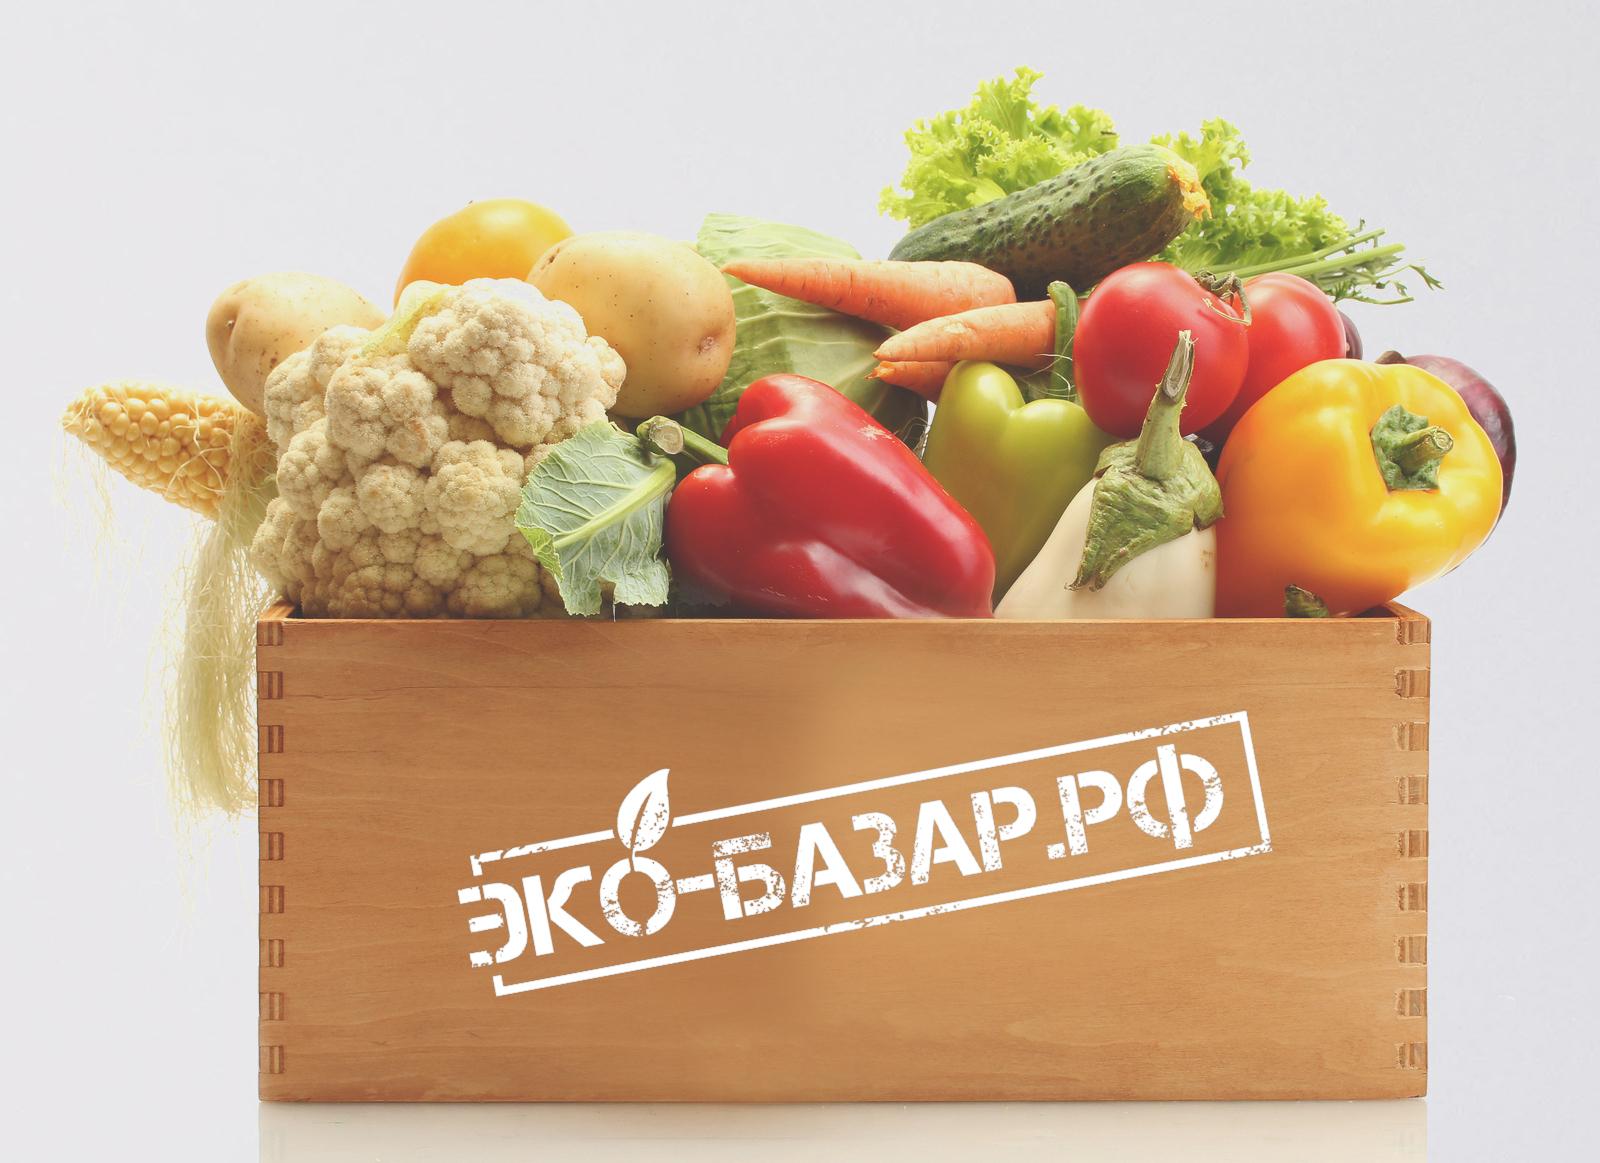 Логотип компании натуральных (фермерских) продуктов фото f_782594125ebd3e36.jpg